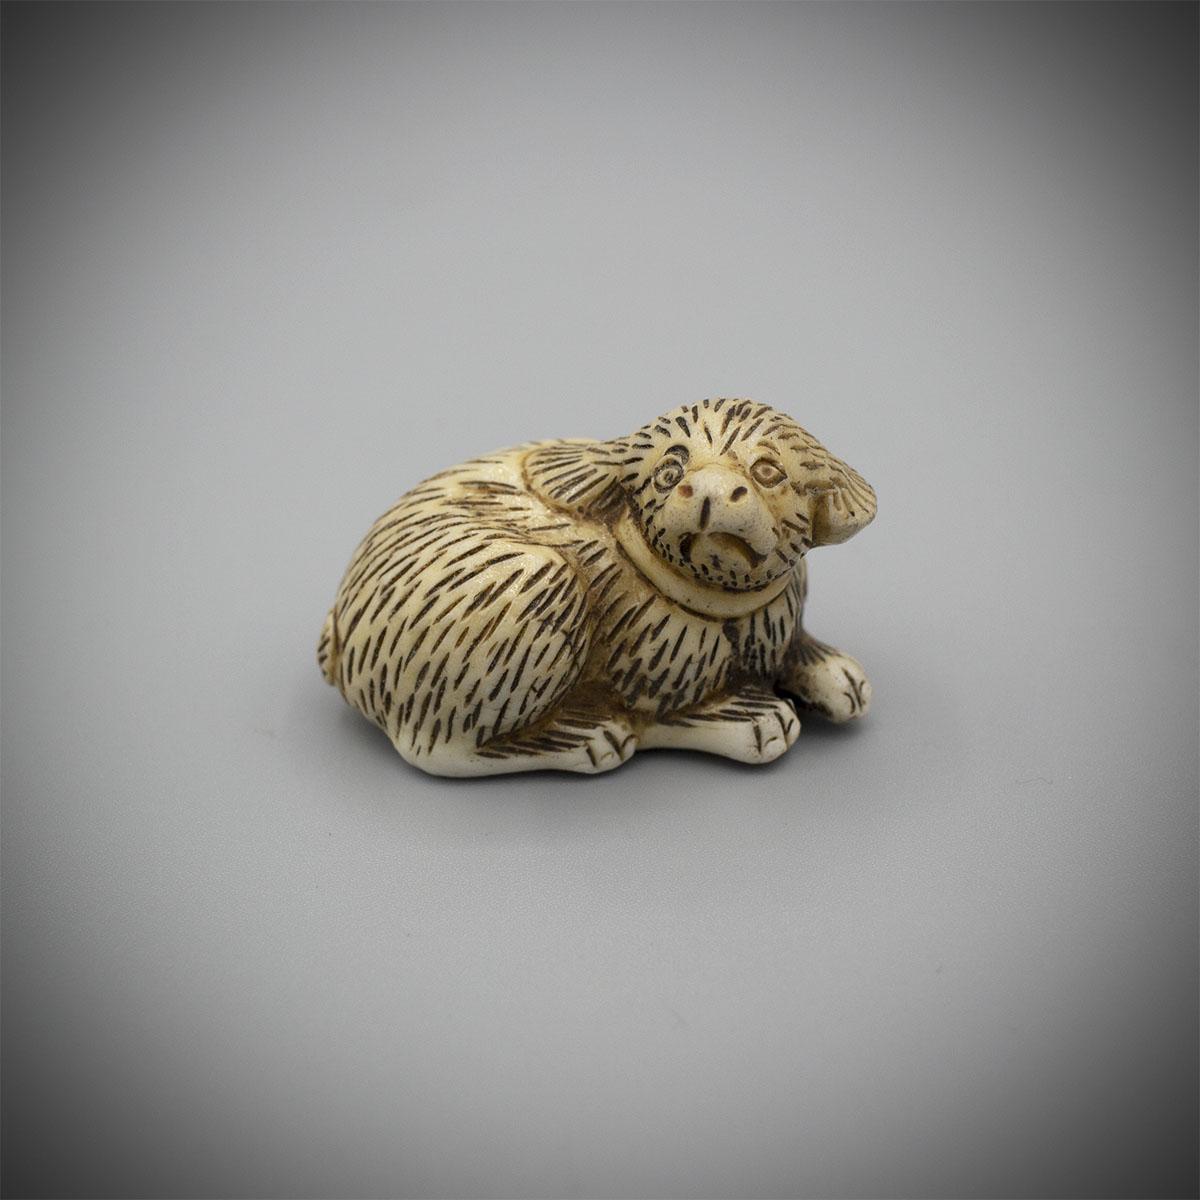 Hirado Porcelain Netsuke of a Dog_v.1